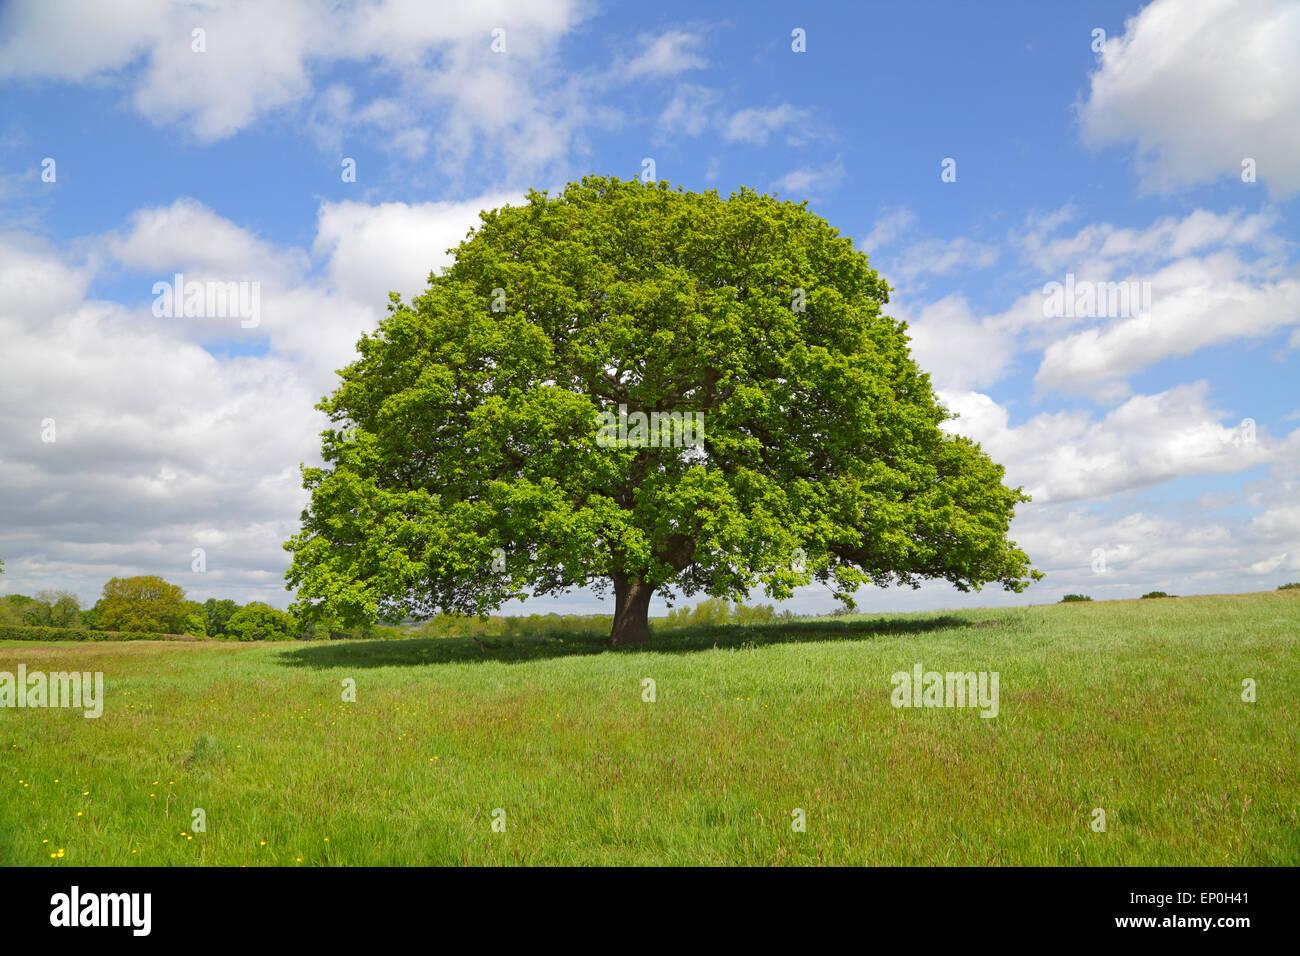 Albero di quercia in primavera, Inghilterra, GB, Regno Unito Foto Stock